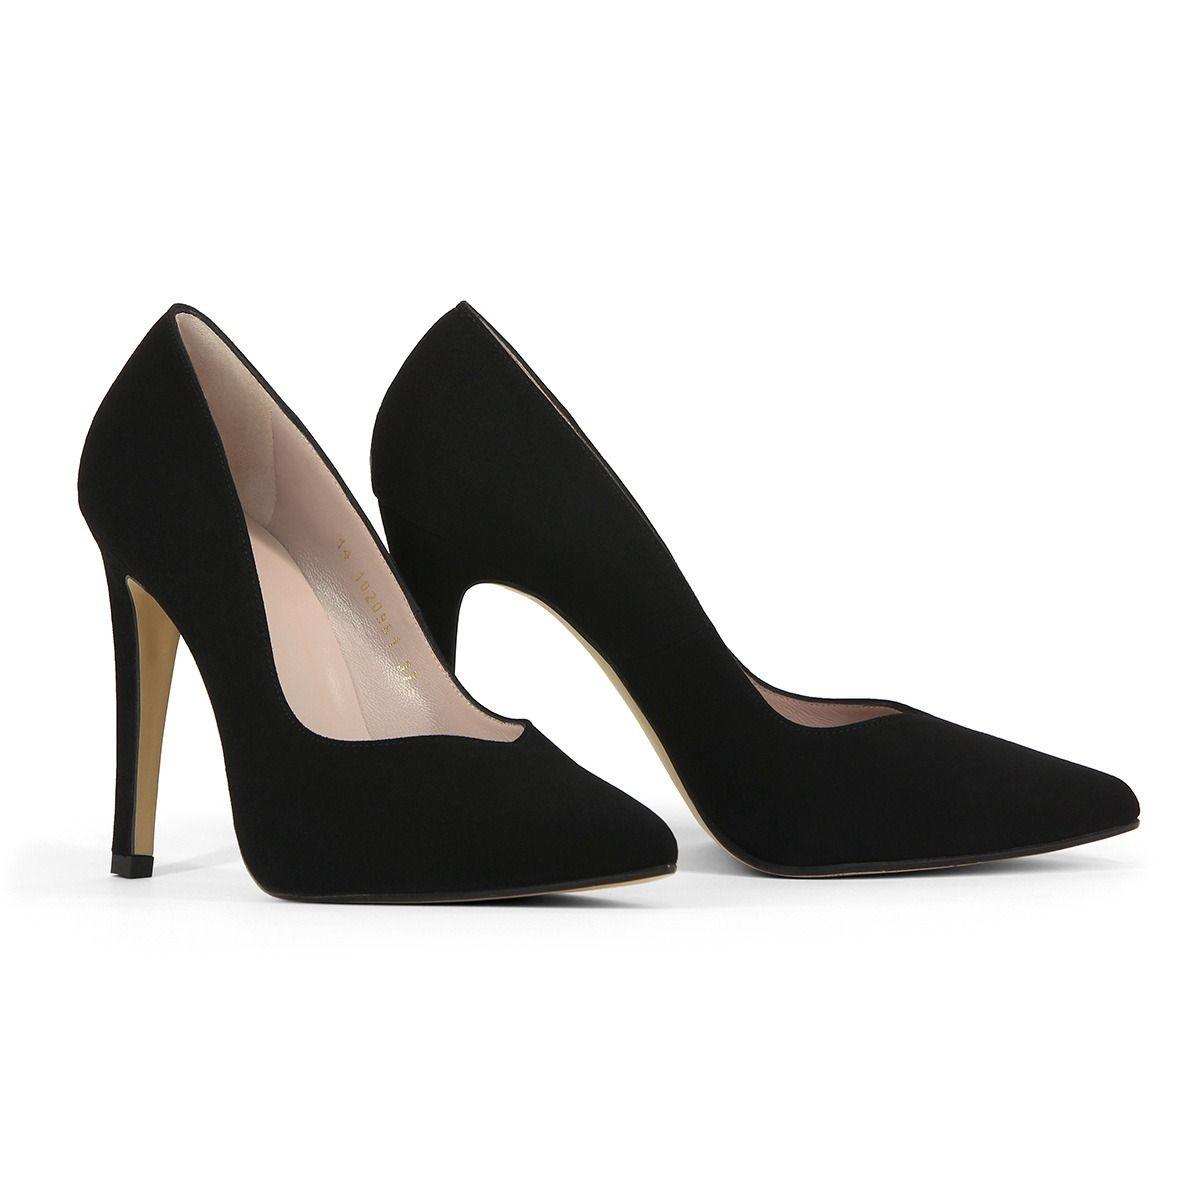 Zapatos negros Lodi para mujer QskuNiZ9a1